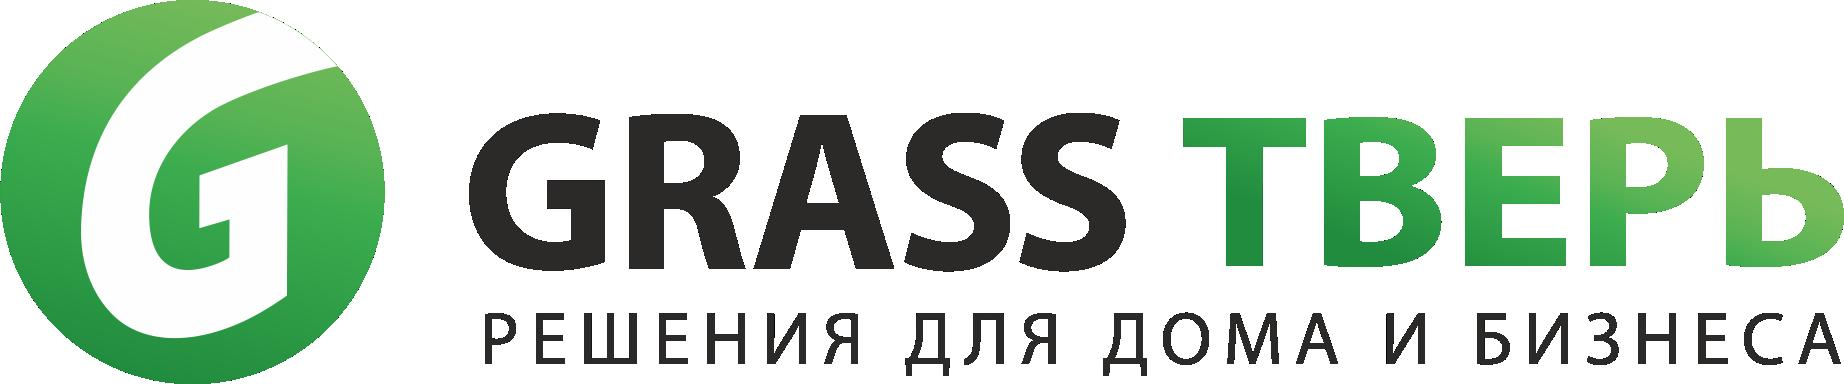 Grass Тверь